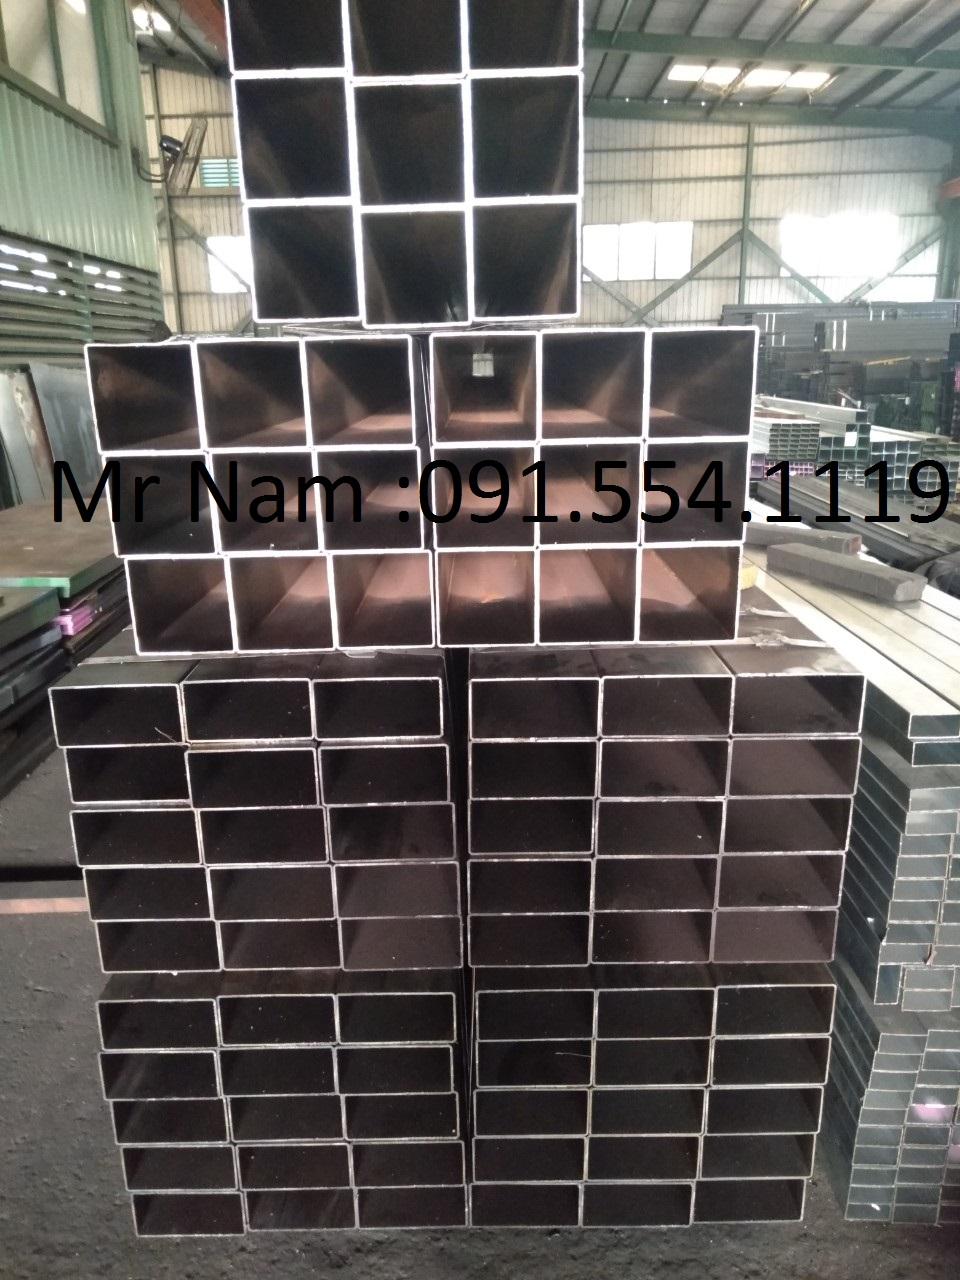 Thép hộp 120x120,thép hộp vuông 120x120 hàng đen,hộp 120x120 mạ kẽm